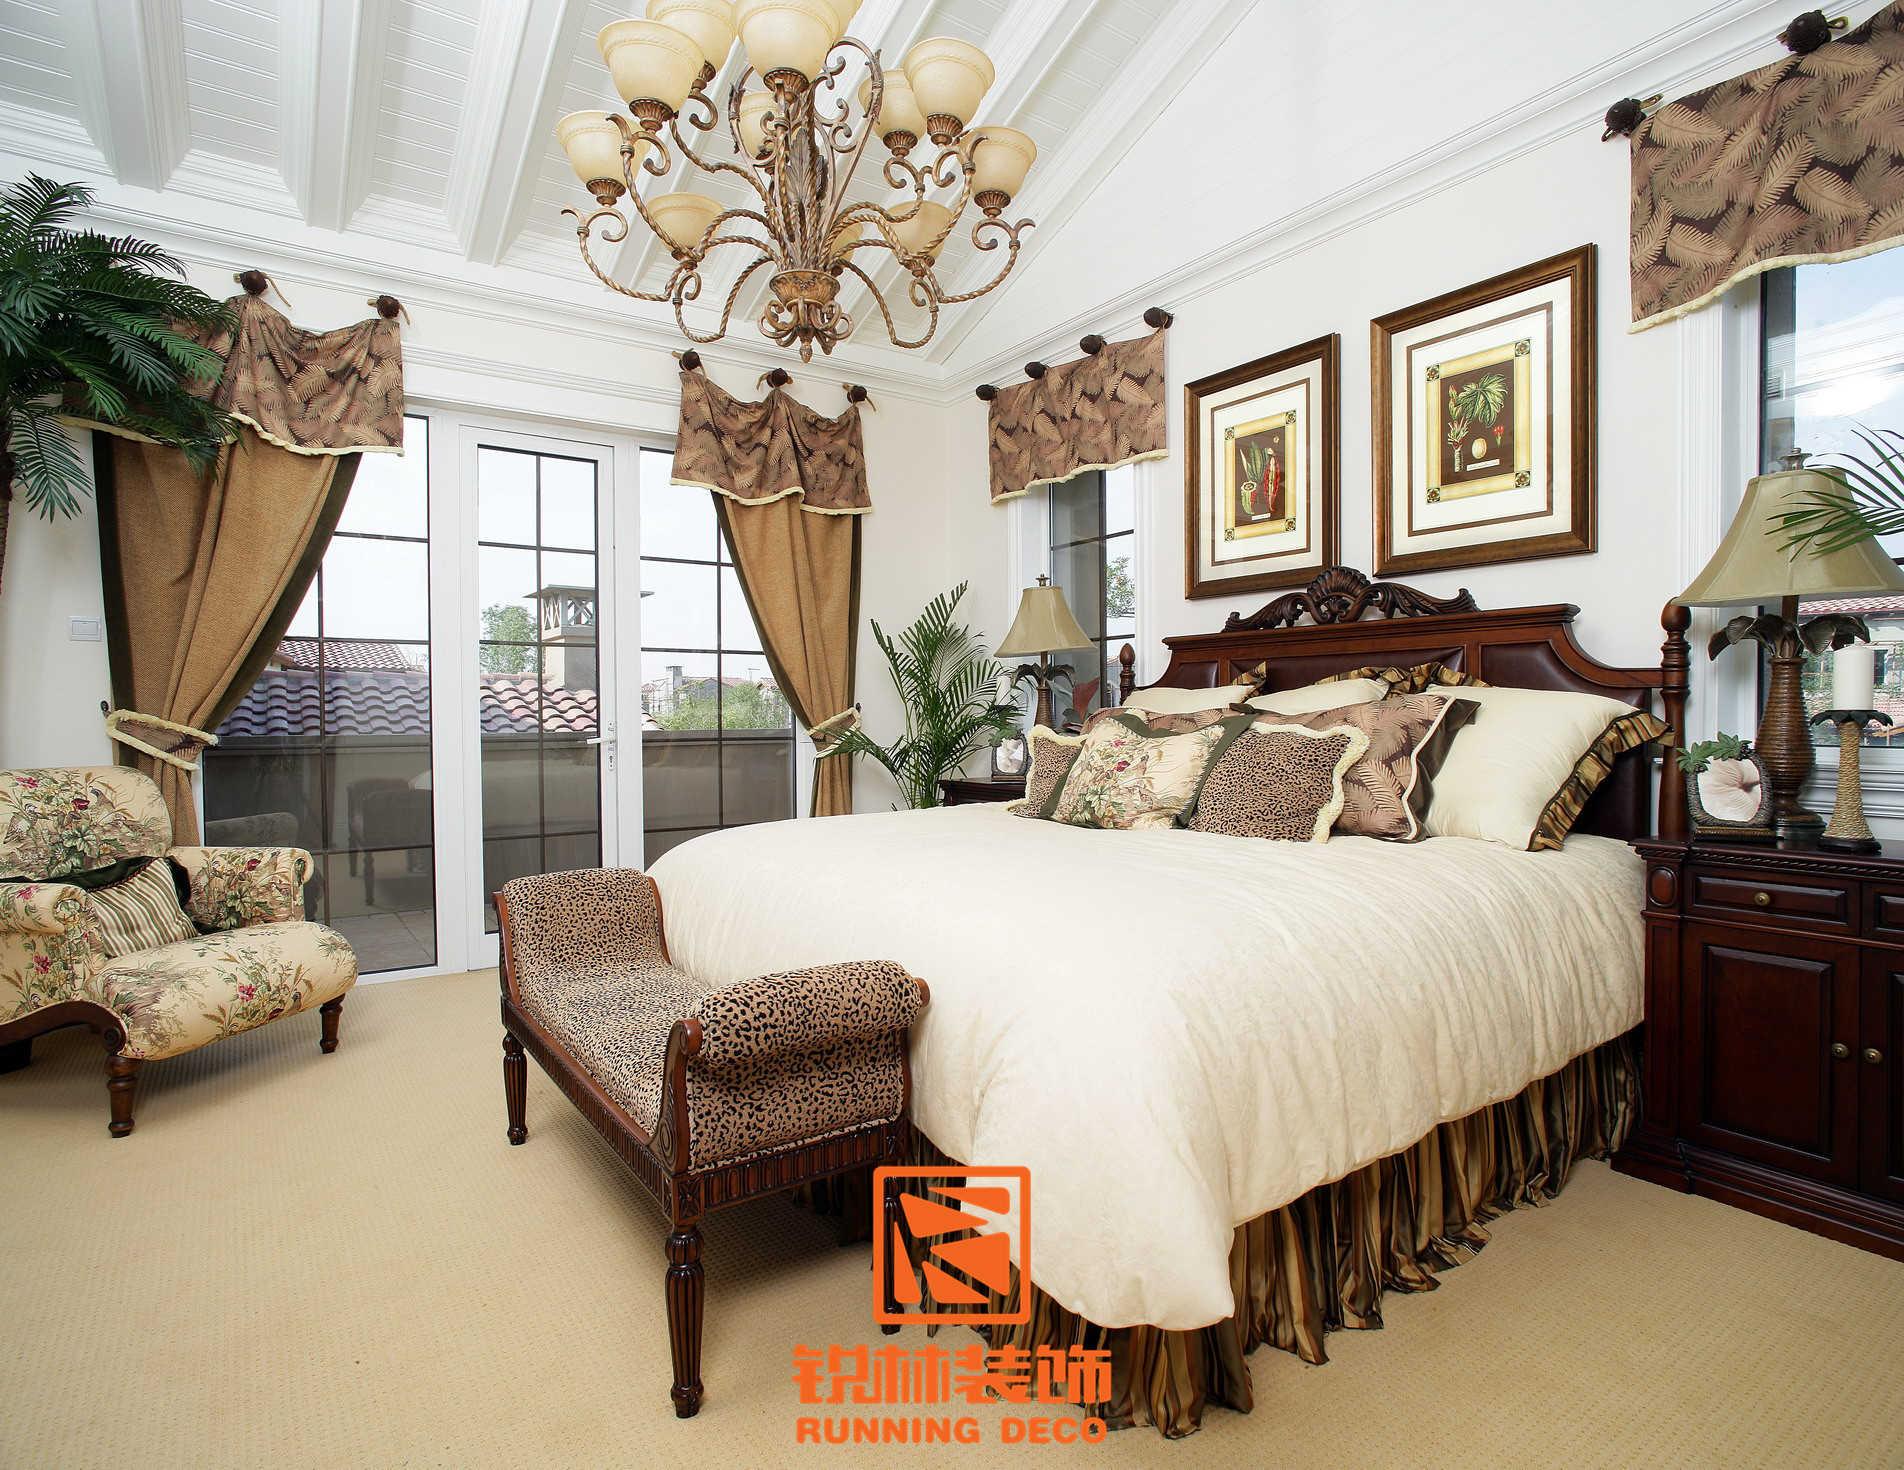 欧式 简约 田园 混搭 二居 三居 别墅 白领 收纳 卧室图片来自天津别墅设计装修在美式乡村风格的分享